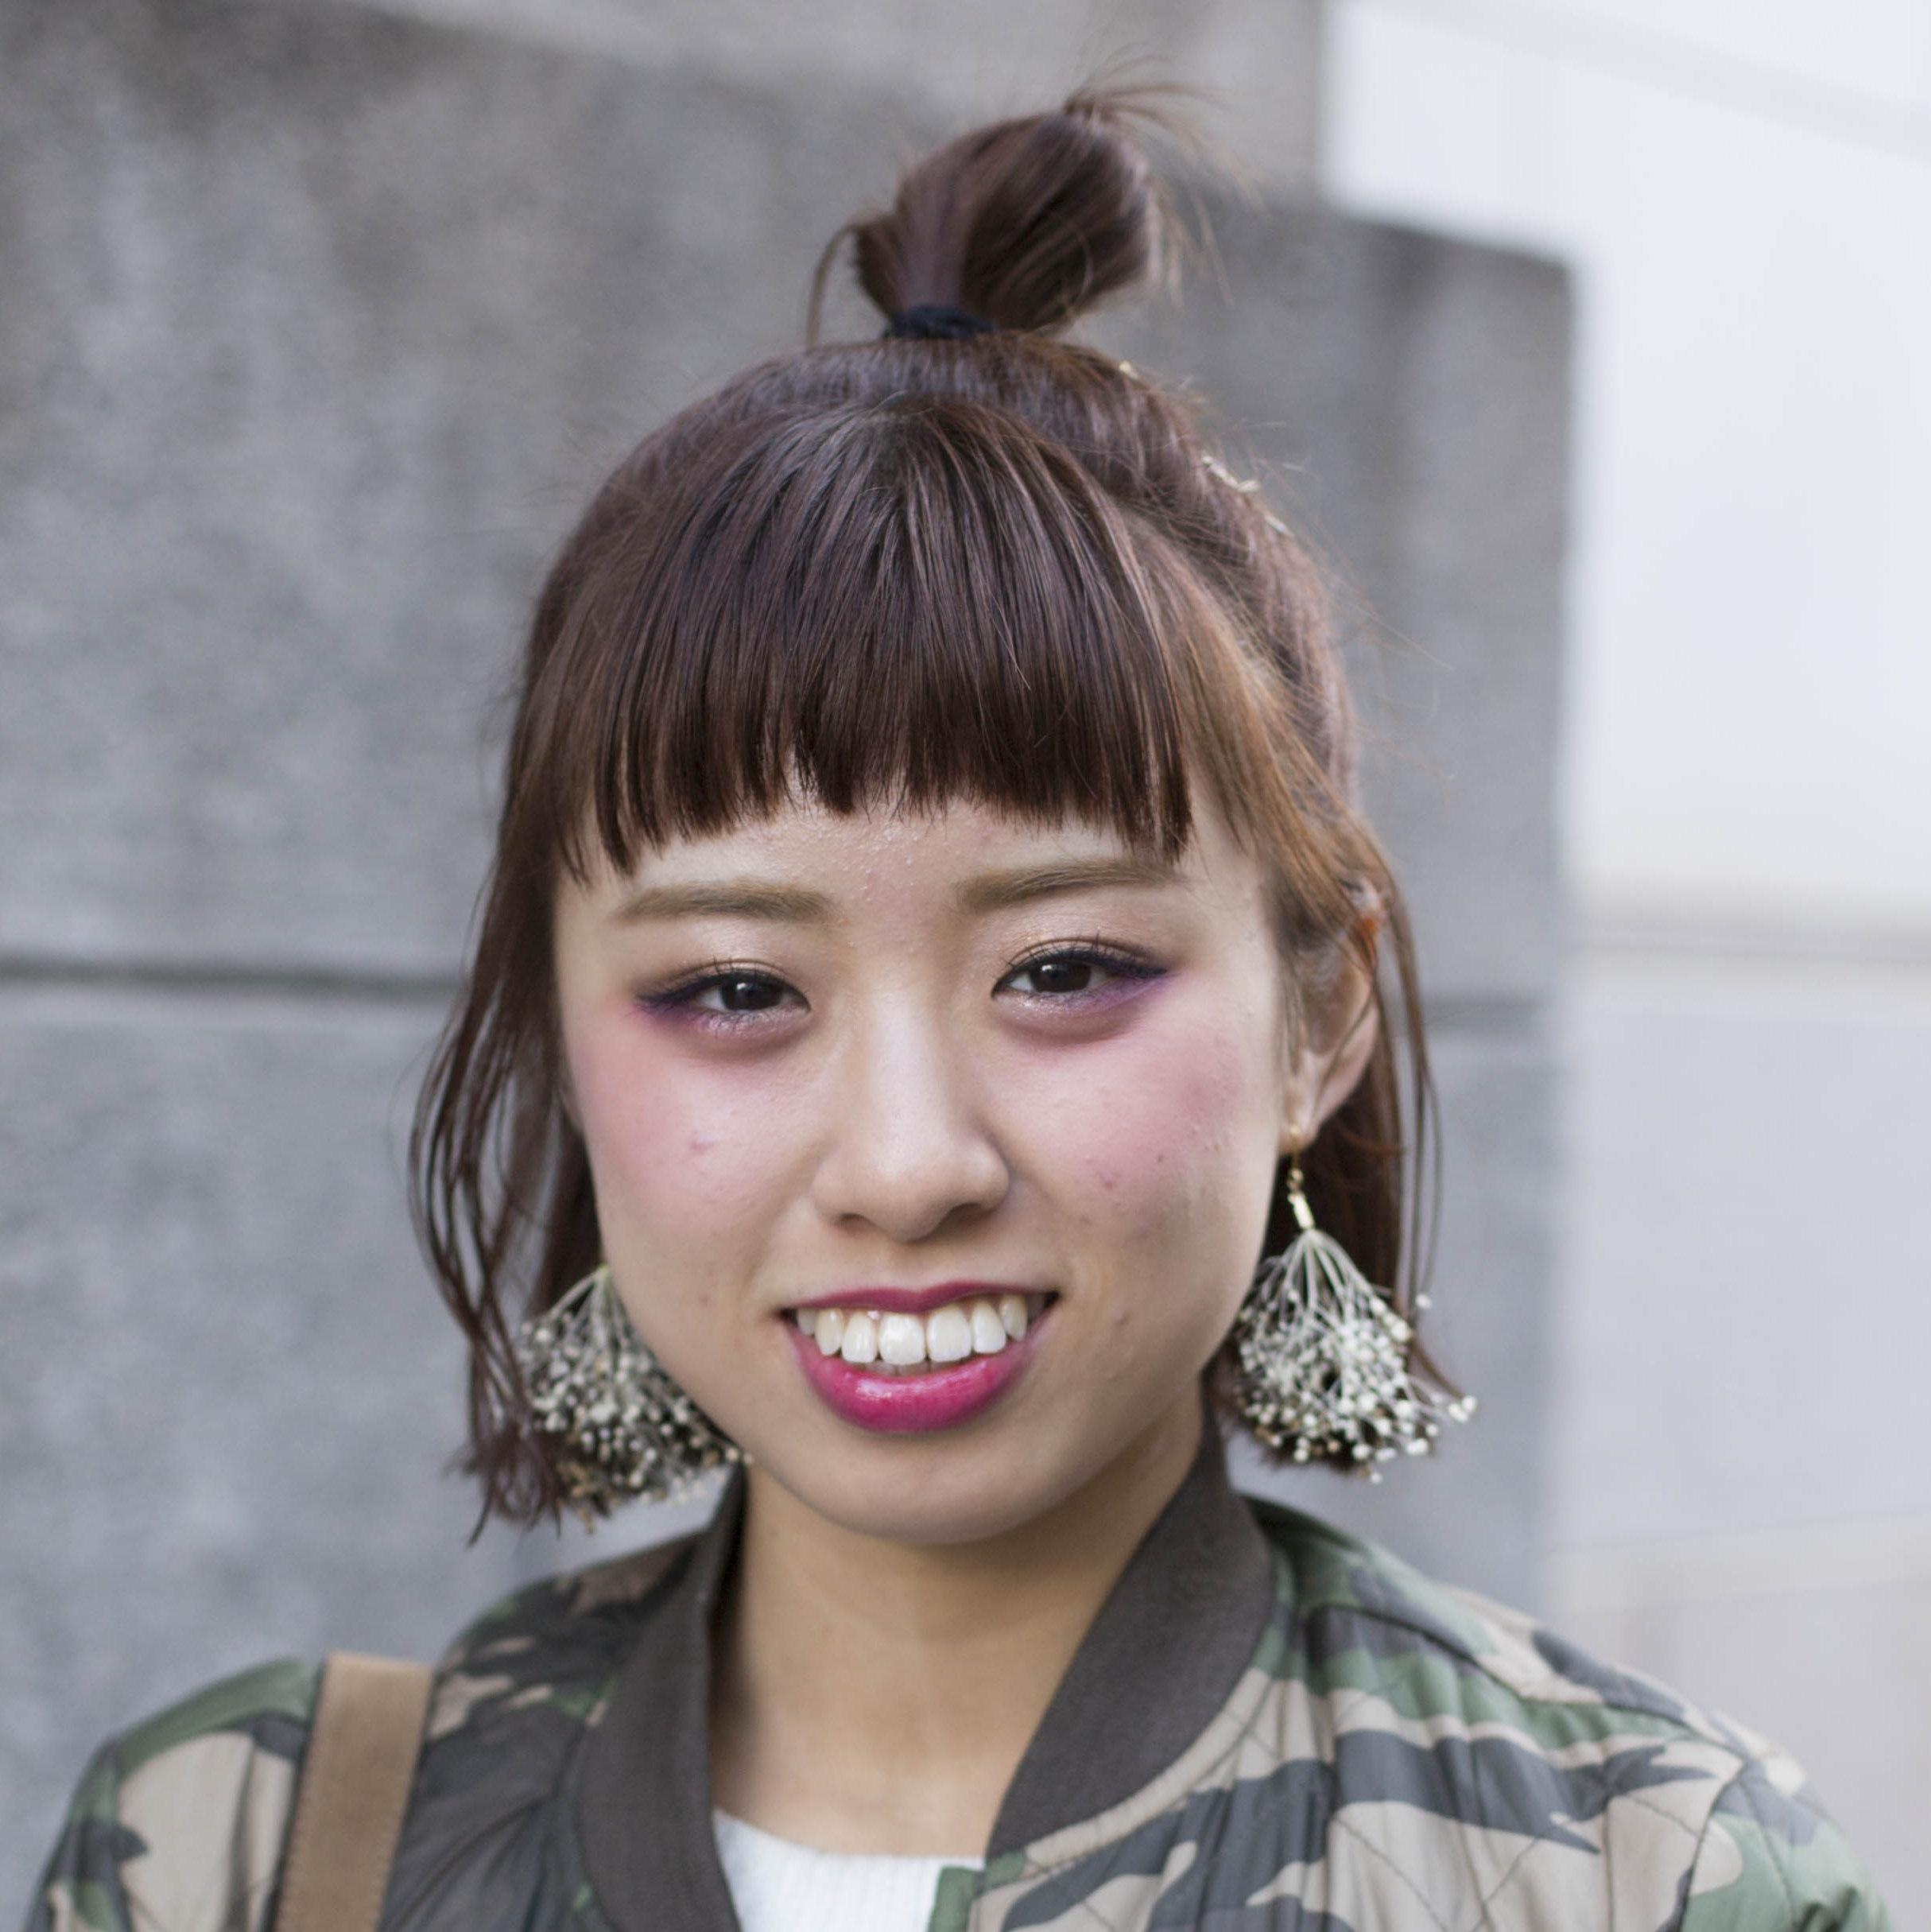 【女子SNAP】SJ美女図鑑<br />ペアルックしたい♪ボーイッシュなおしゃれ女子!<br />以東亜海さん・美容関係